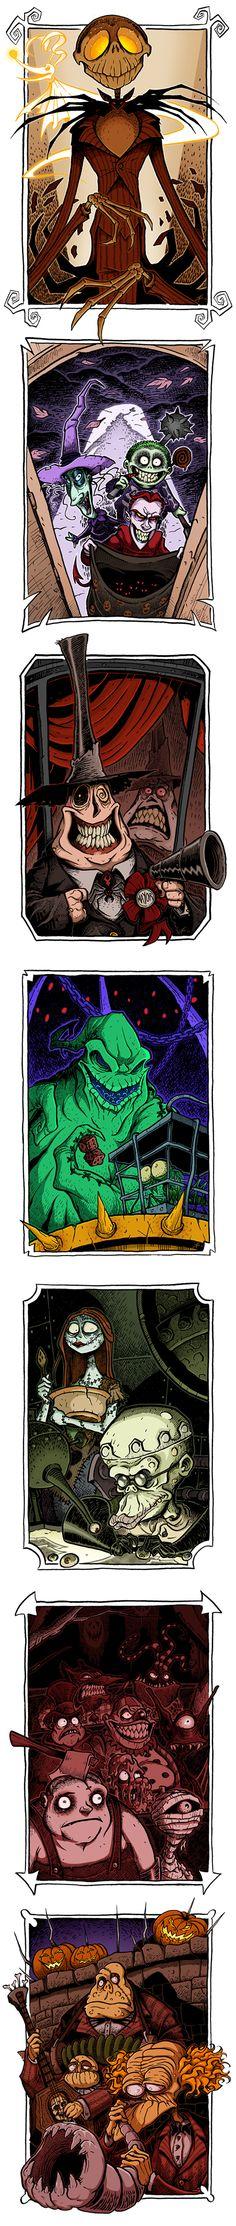 Halloween Town series by boredman @deviantart